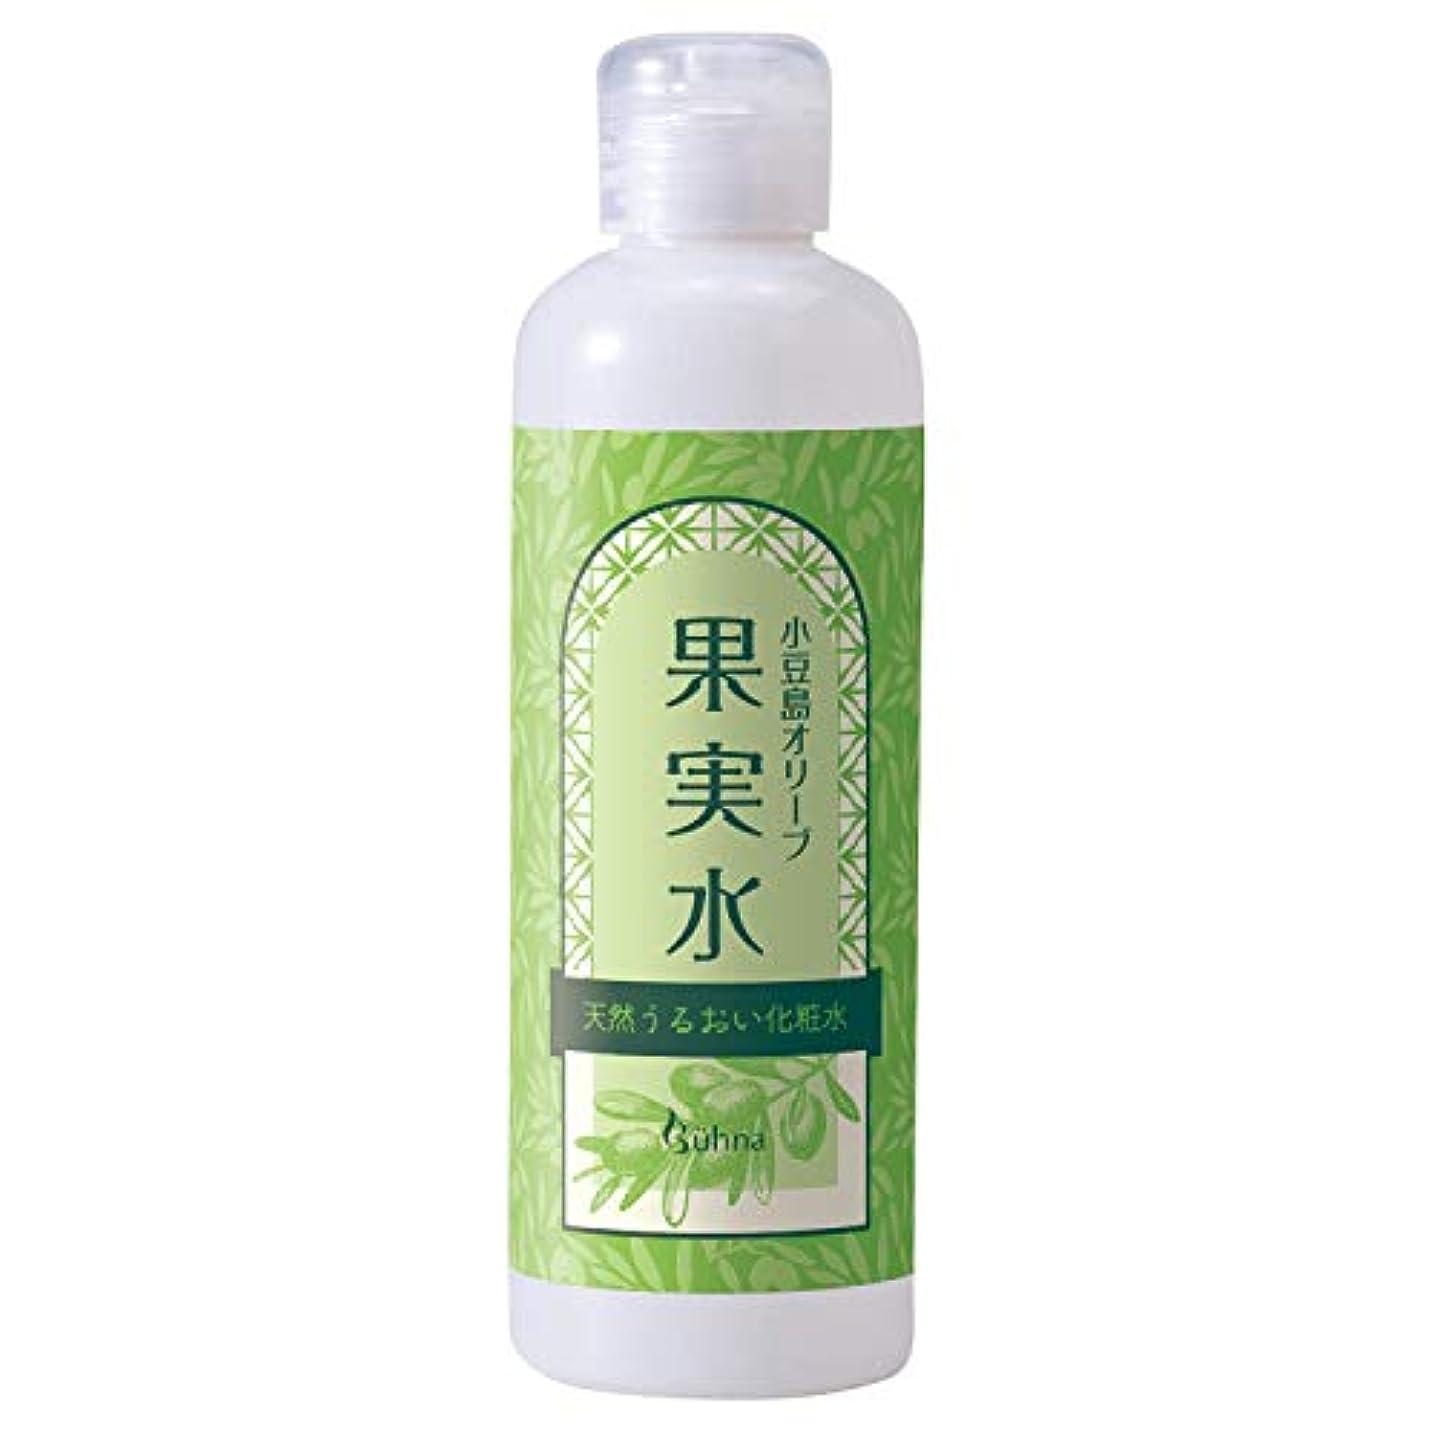 なぜ参照する買い物に行くビューナ 小豆島オリーブ果実水 化粧水 保湿 オリーブオイル 無着色 アルコールフリー パラベンフリー 合成香料不使用